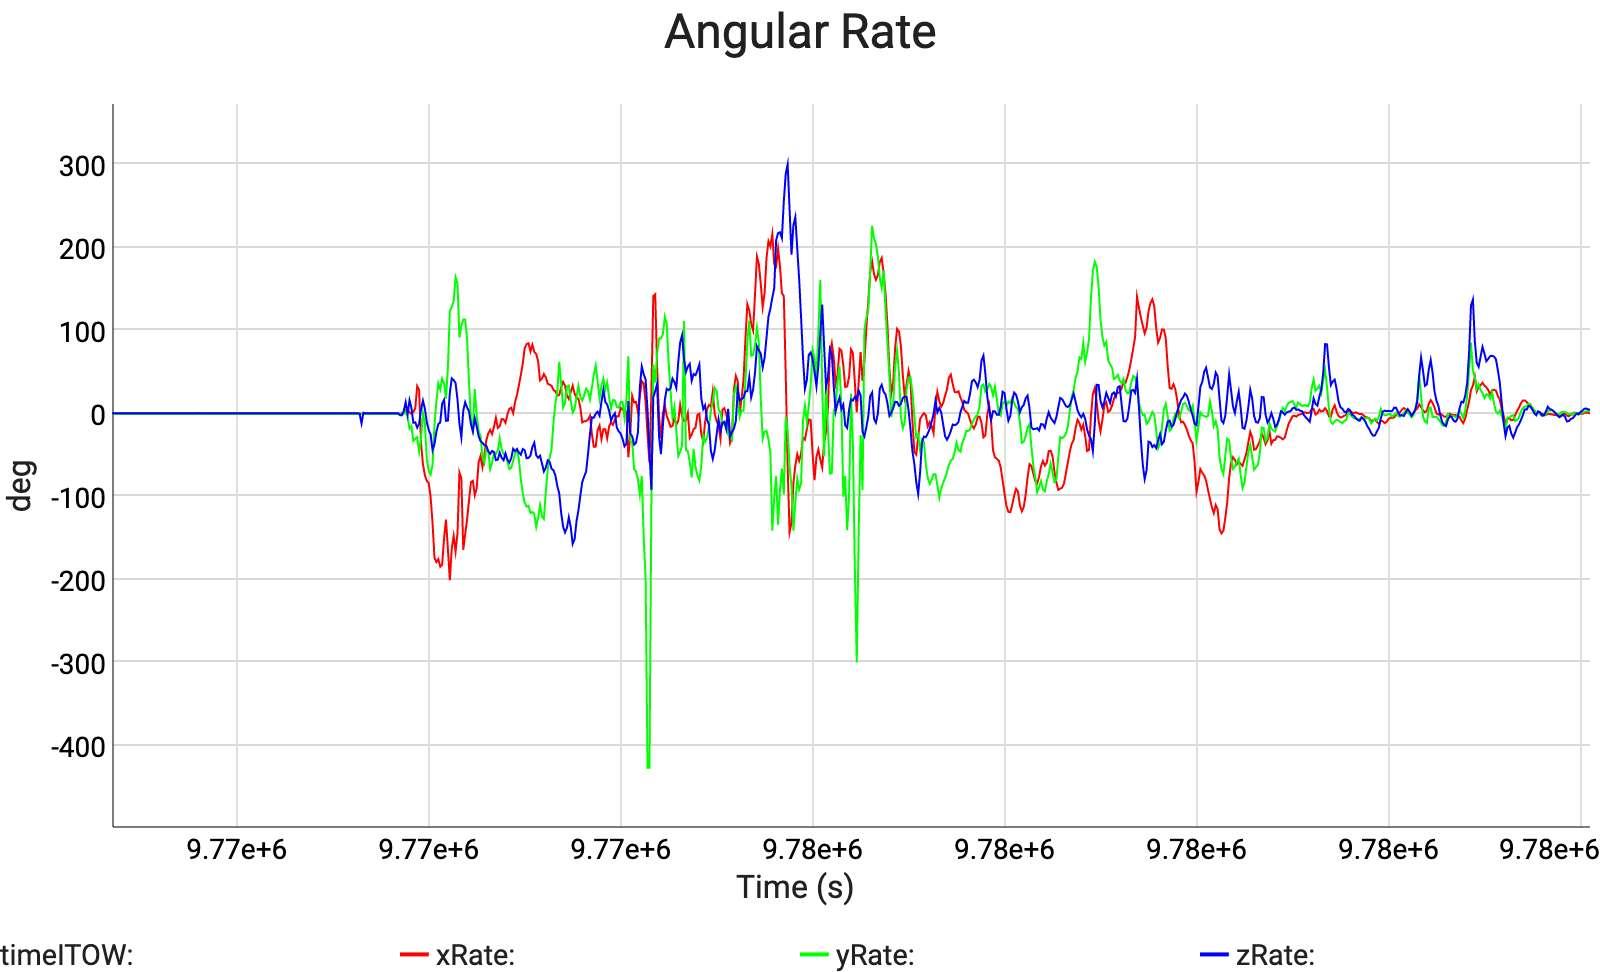 Angular Rate